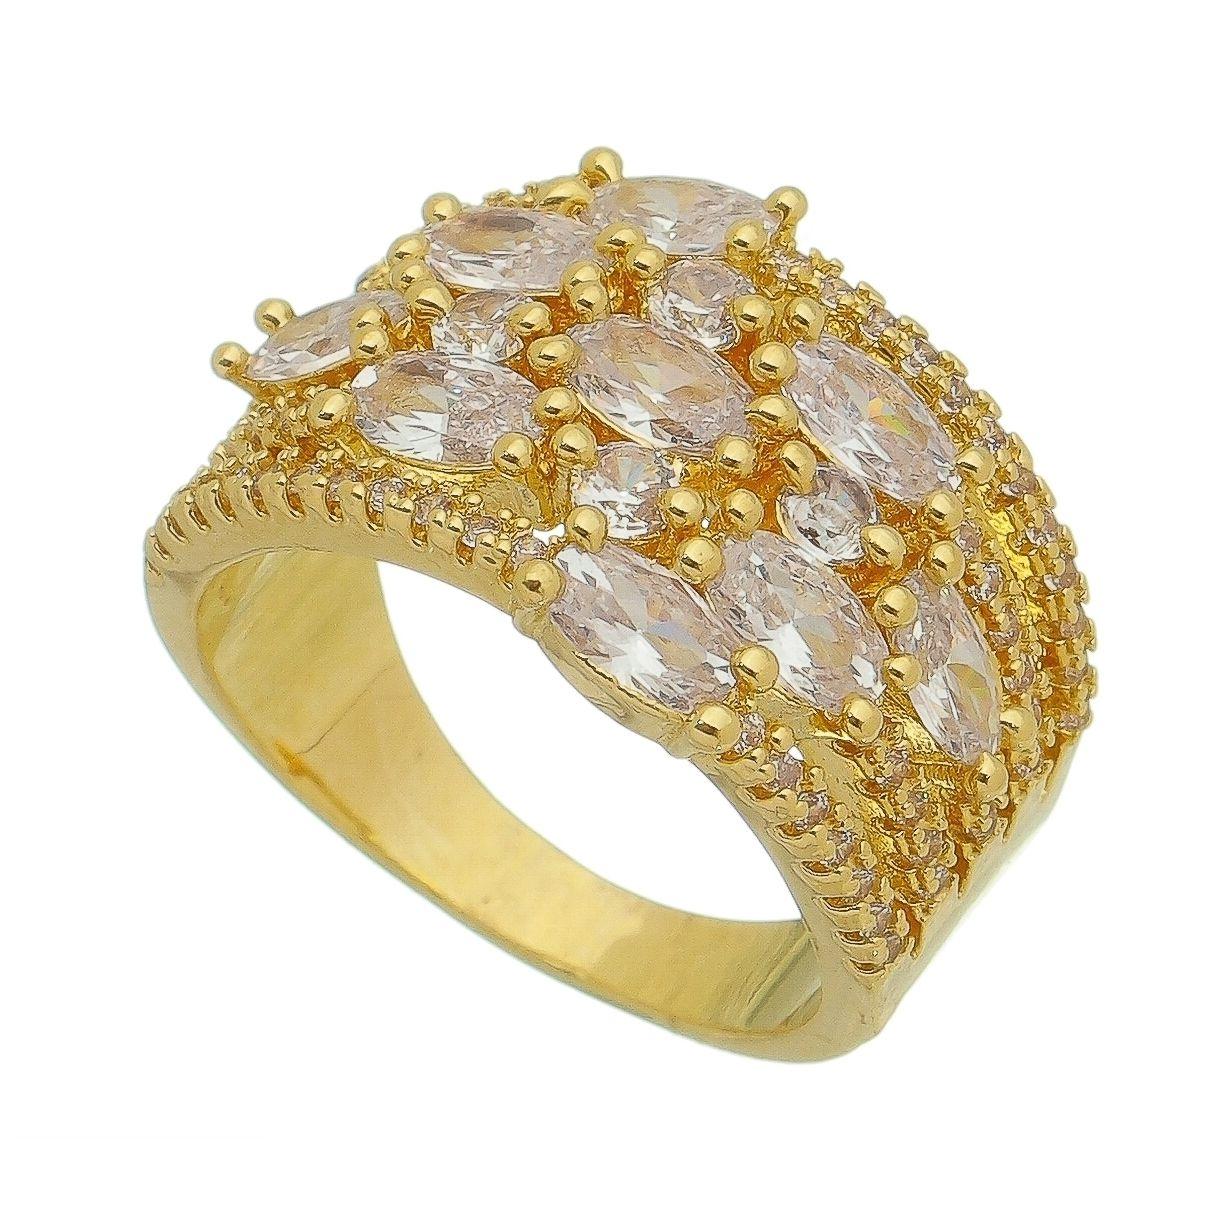 Anel com Navete Zircônia e Cristal Incolor Banho Ouro 18k - Giro Semijoias